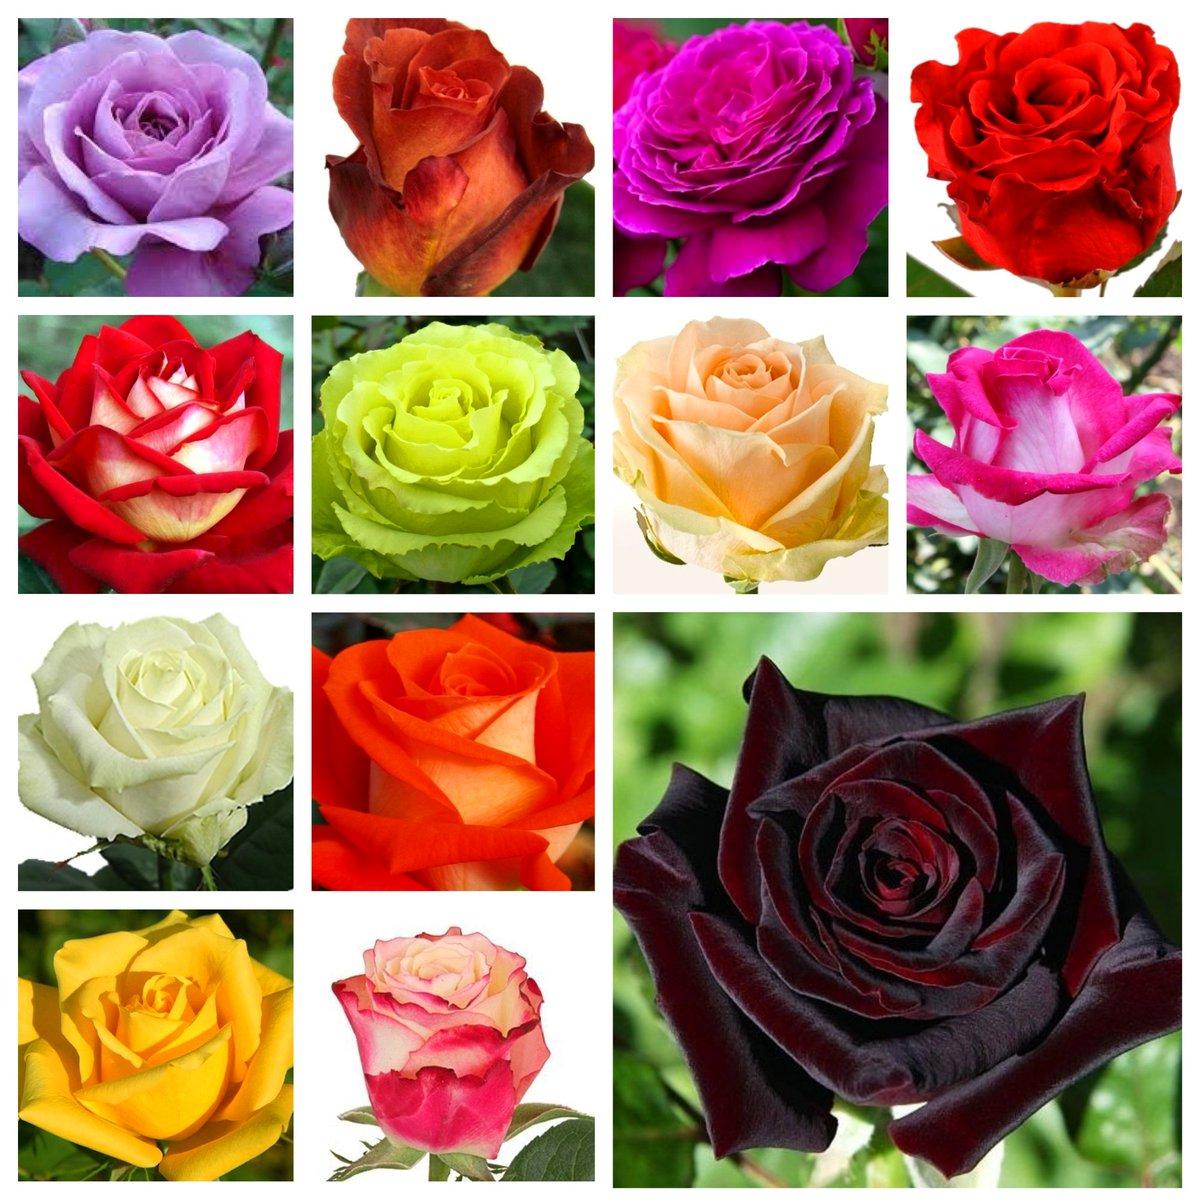 Описание лучших сортов роз: классификация, фото |